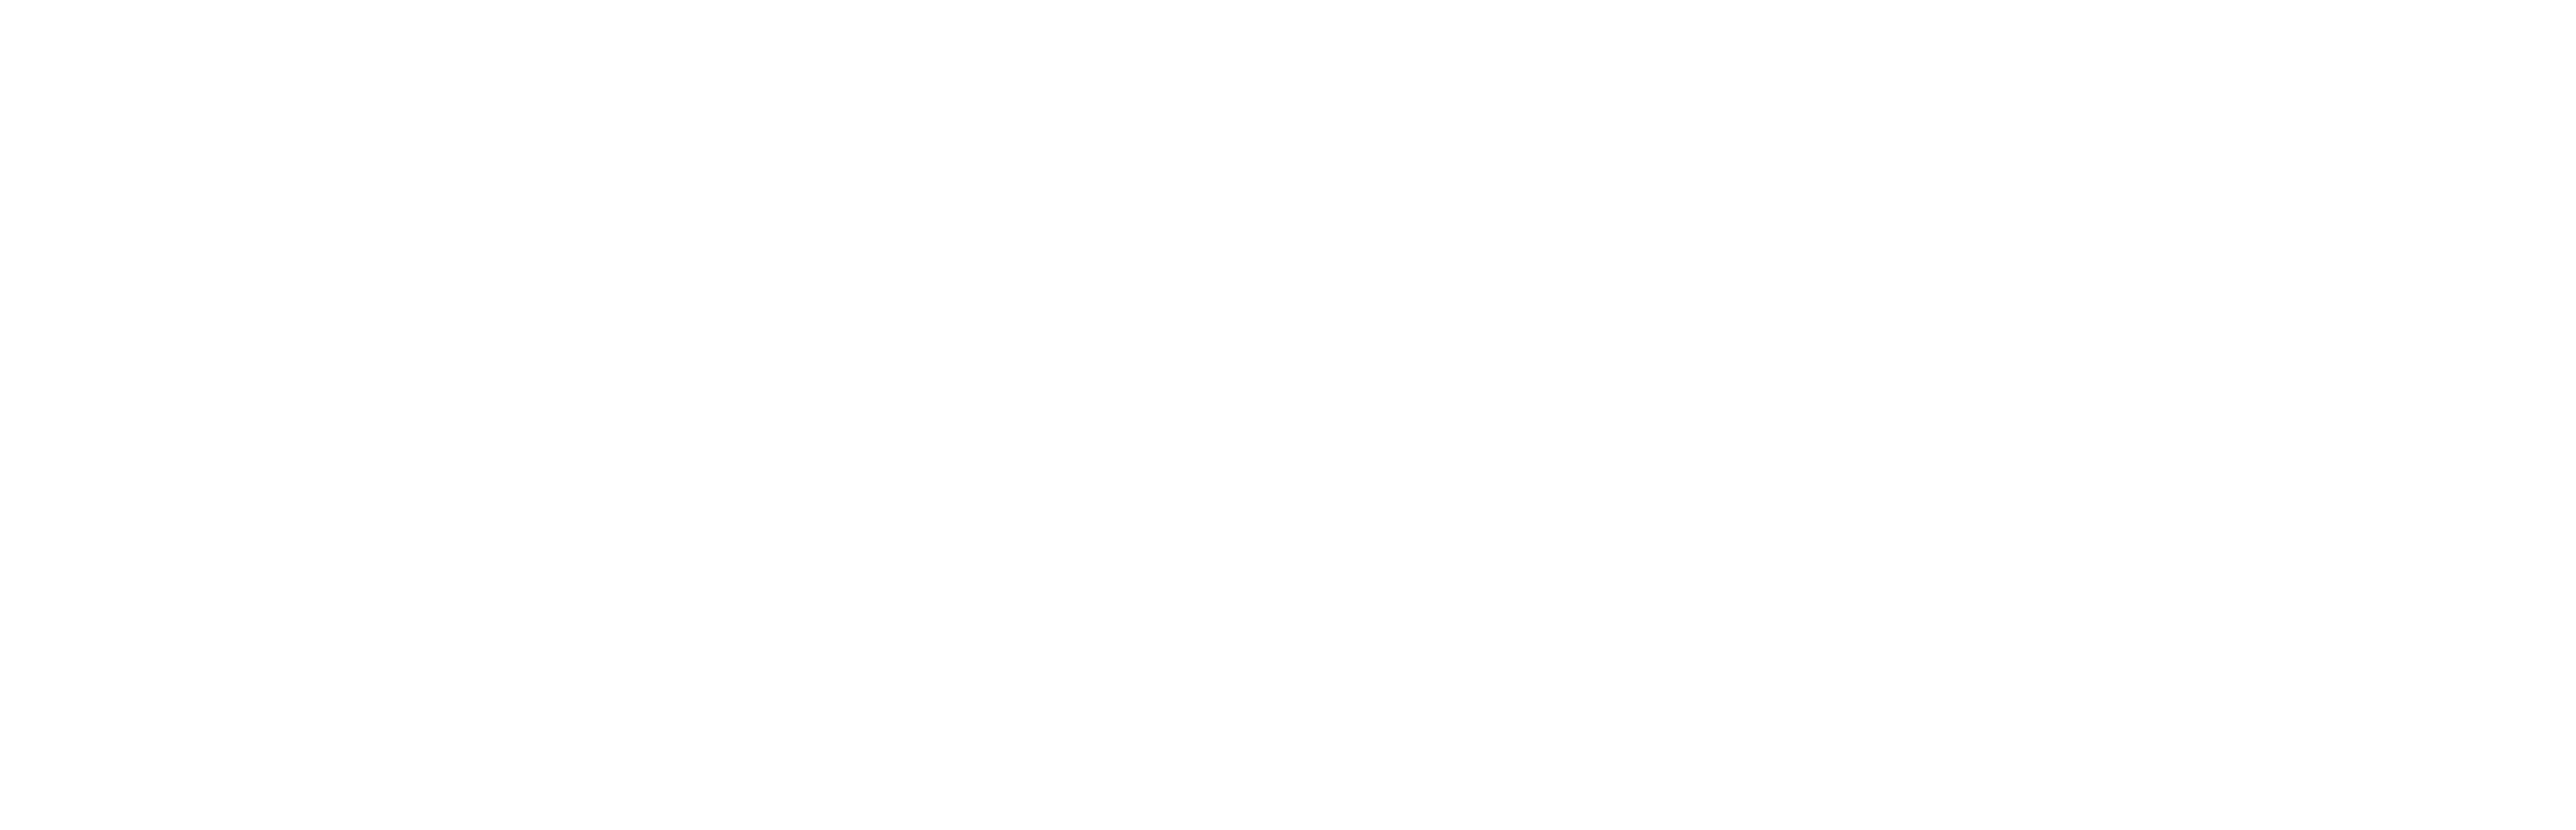 Nayaá